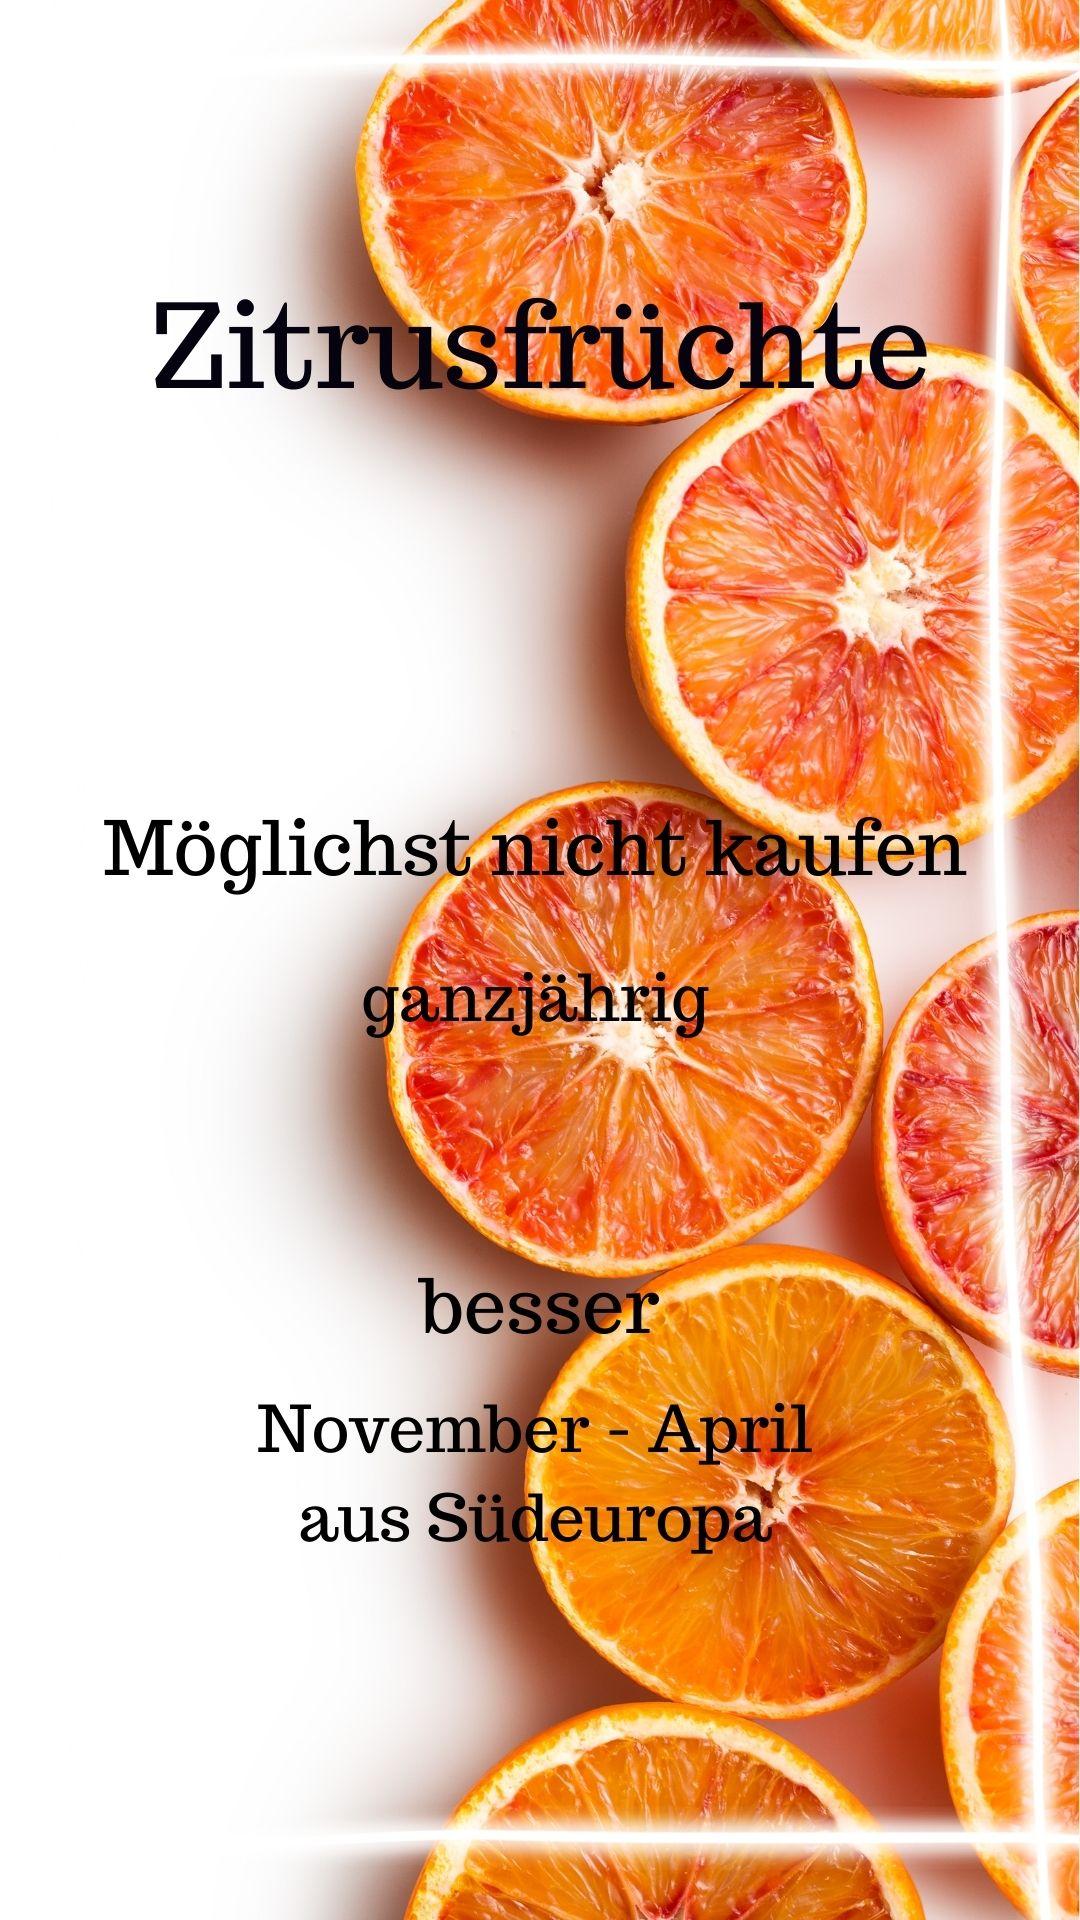 Saison Zitrusfrüchte November - April